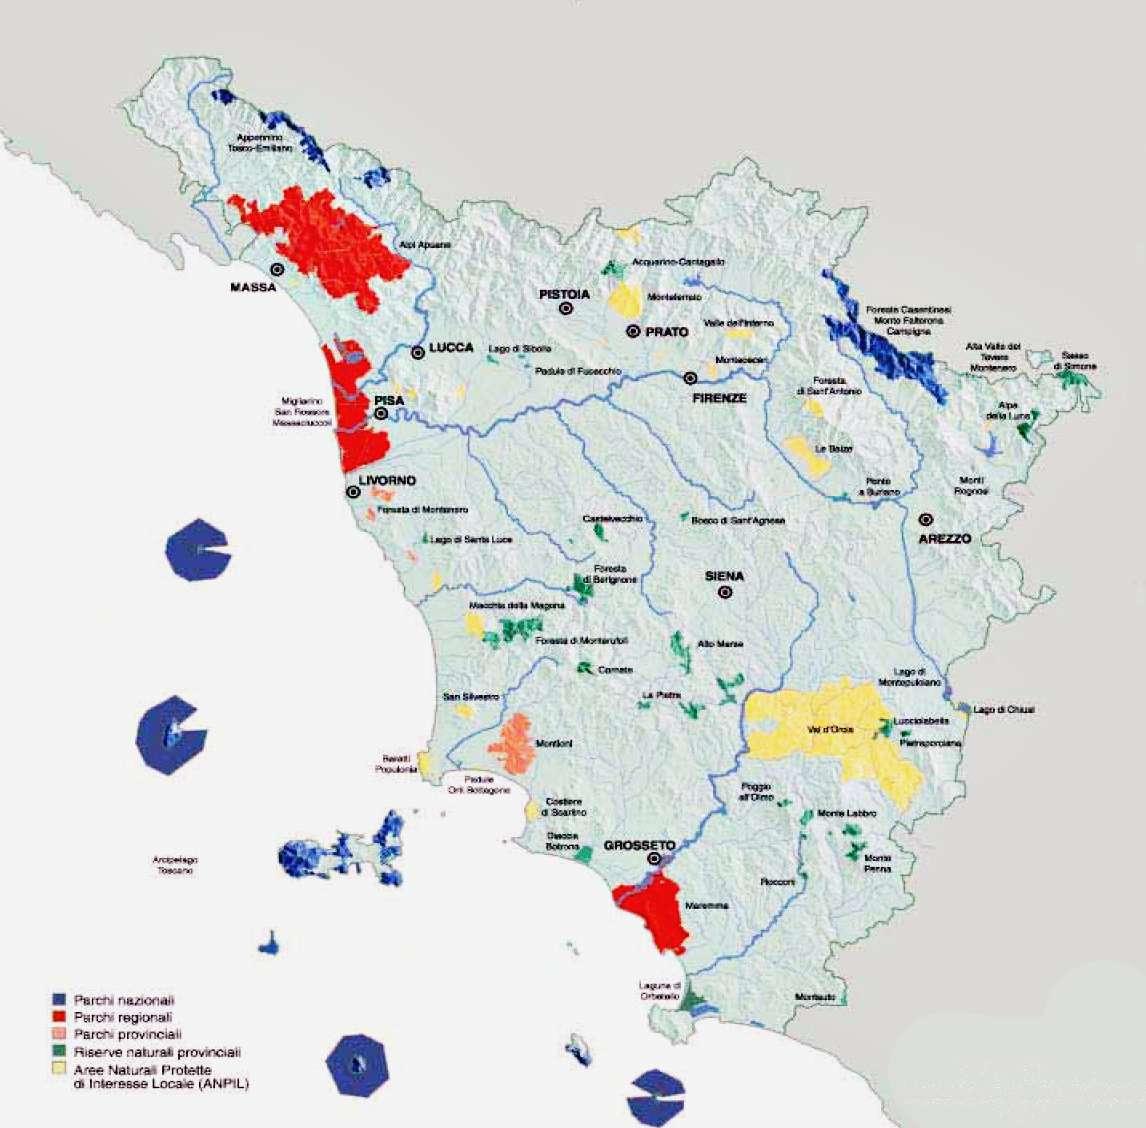 Riserve Naturali in Toscana